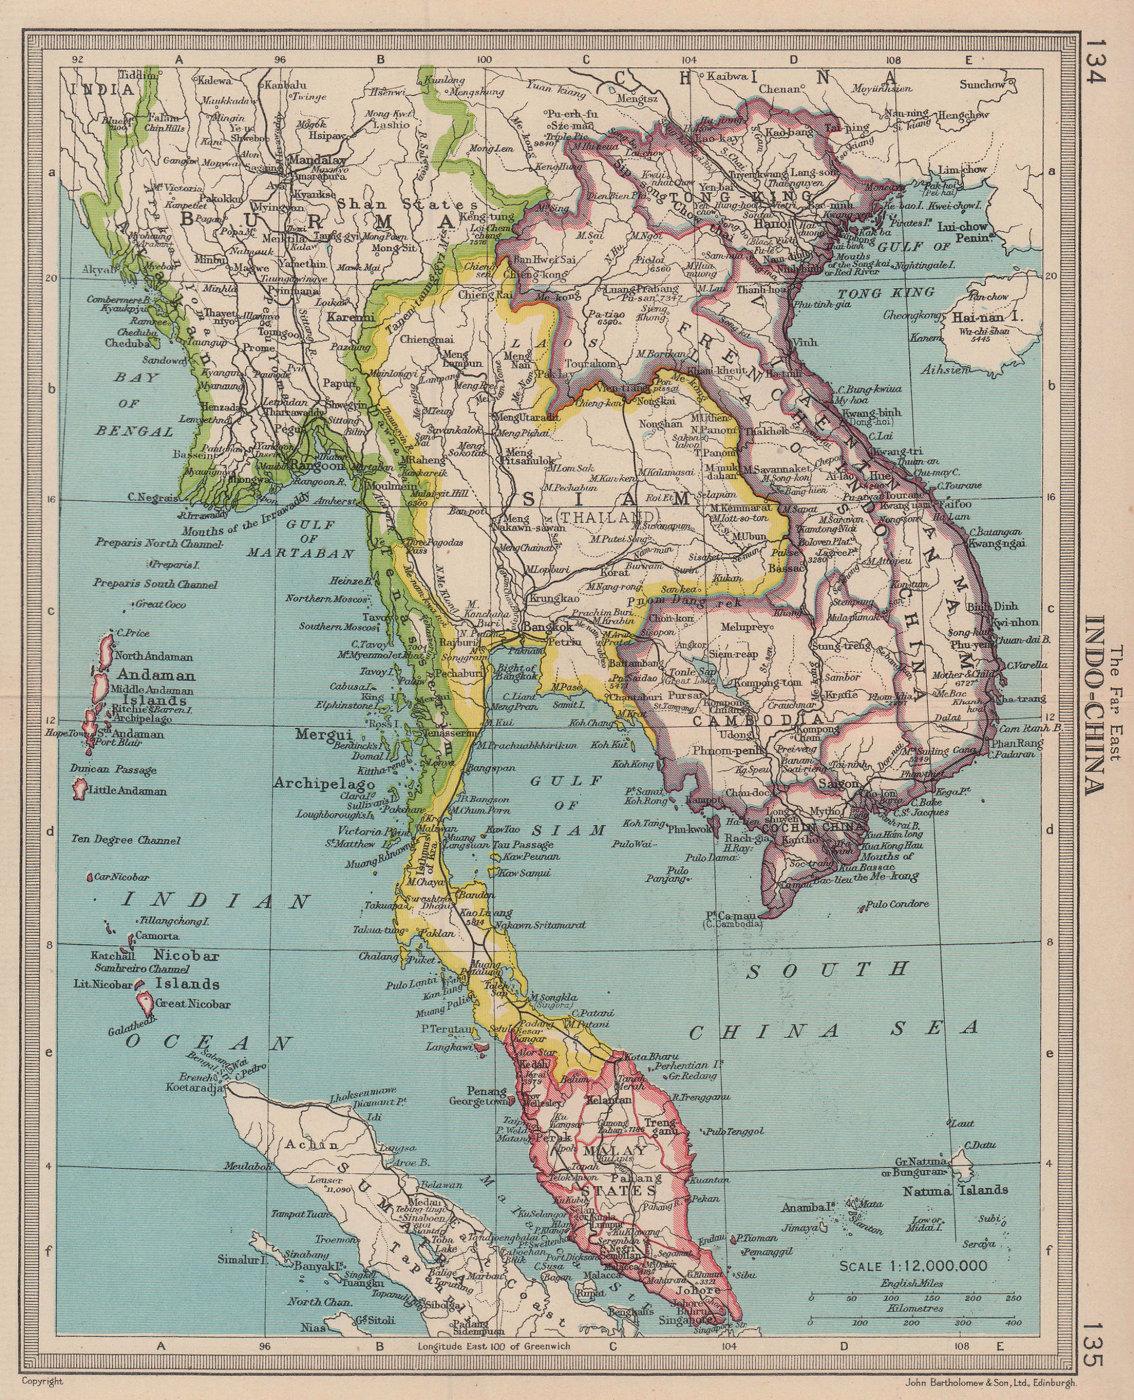 Siam Thailand French Indochina Malay States Burma. BARTHOLOMEW 1949 old map